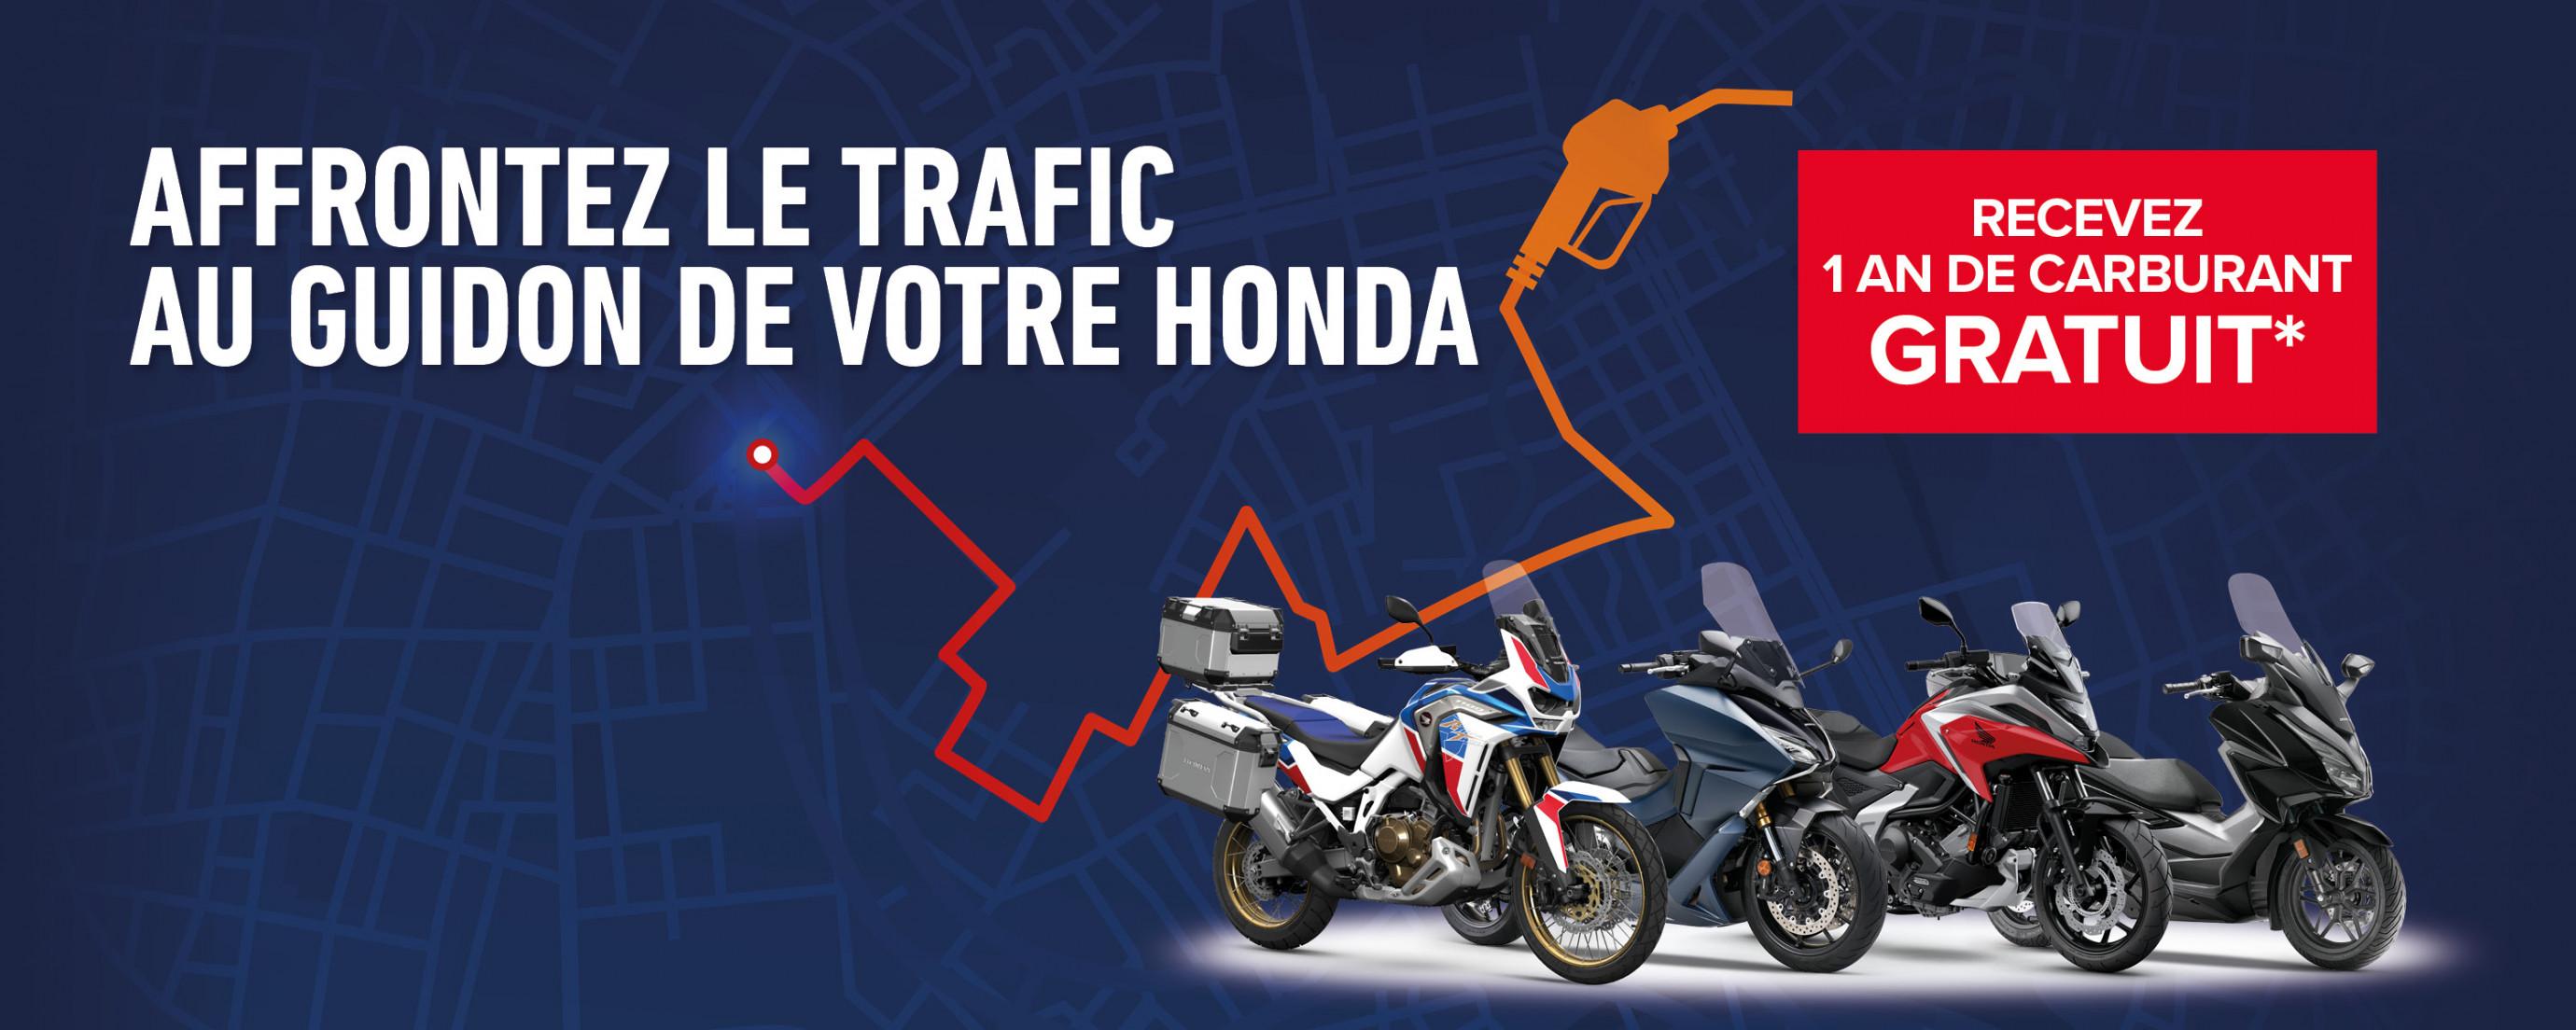 HondaMobility21_3000x1200BFR